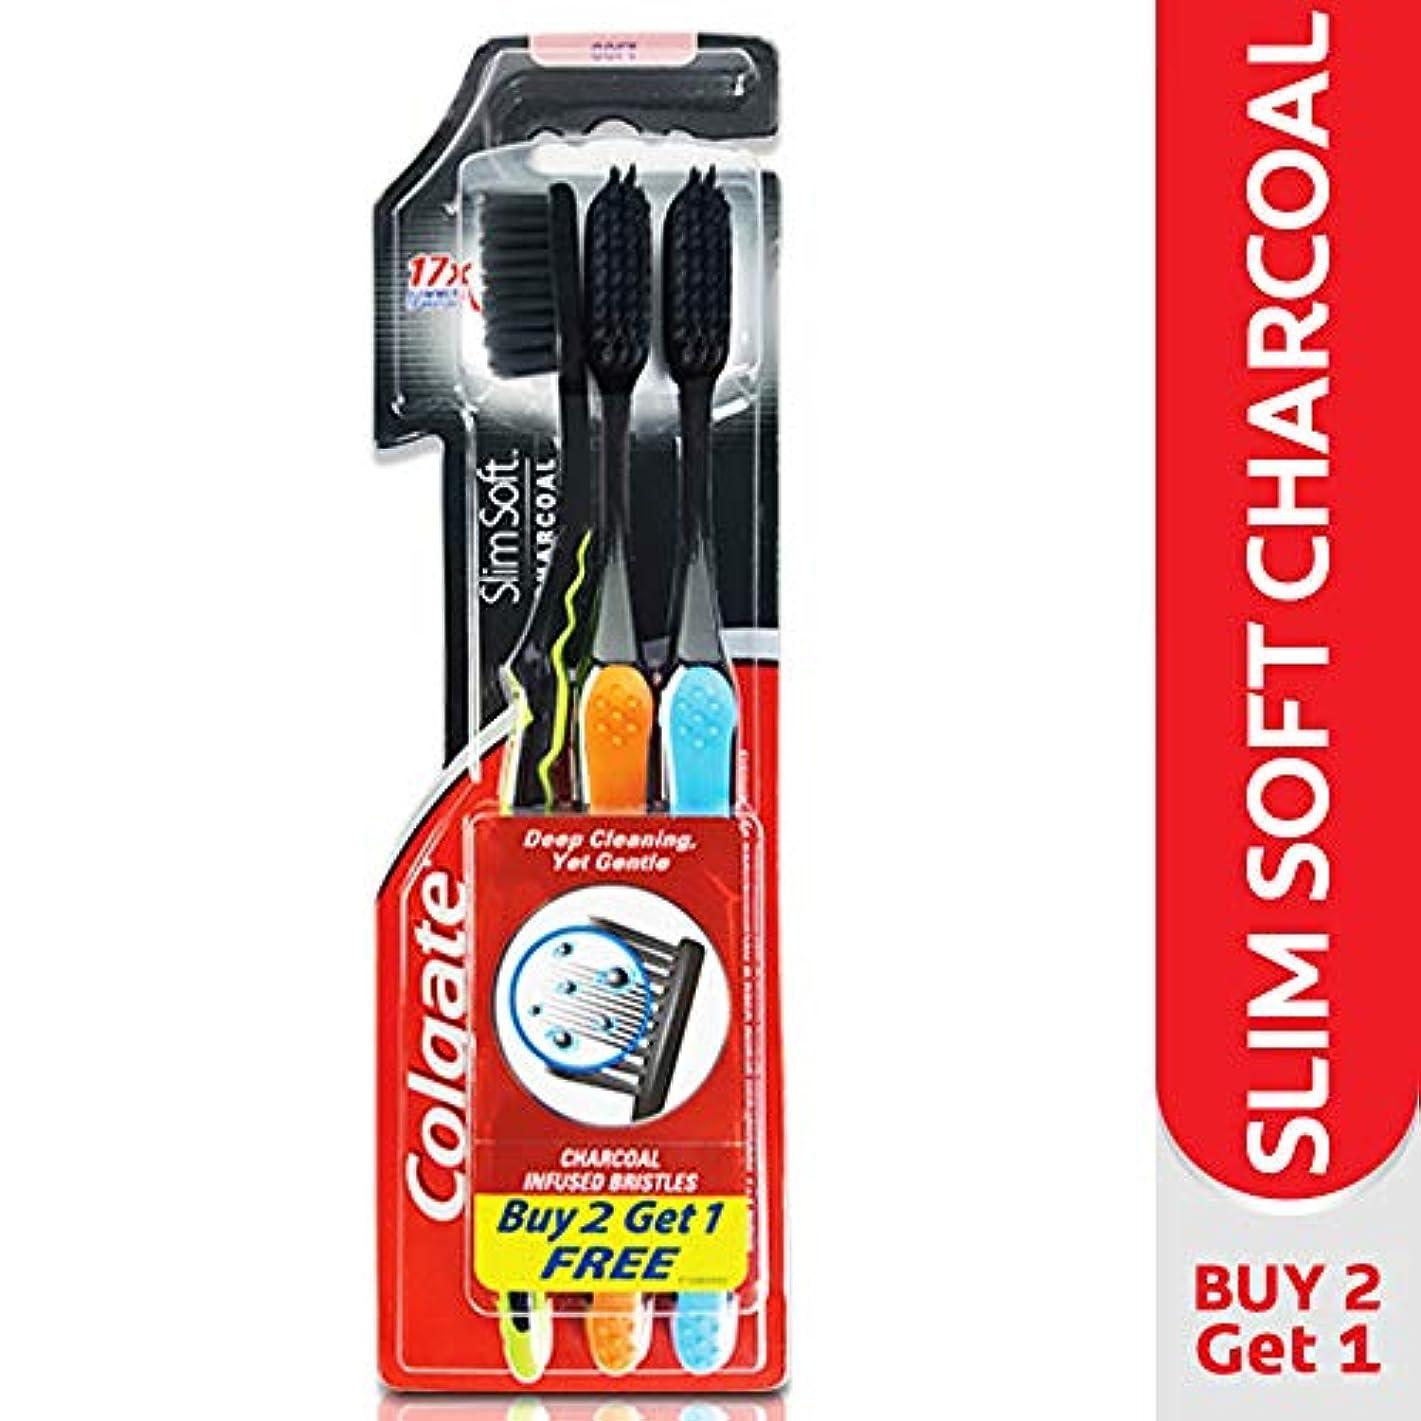 嵐注ぎます刻むColgate Slim Soft Charcoal Toothbrush (Pack of 3) 17x Slimmer Soft Tip Bristles (Ship From India)